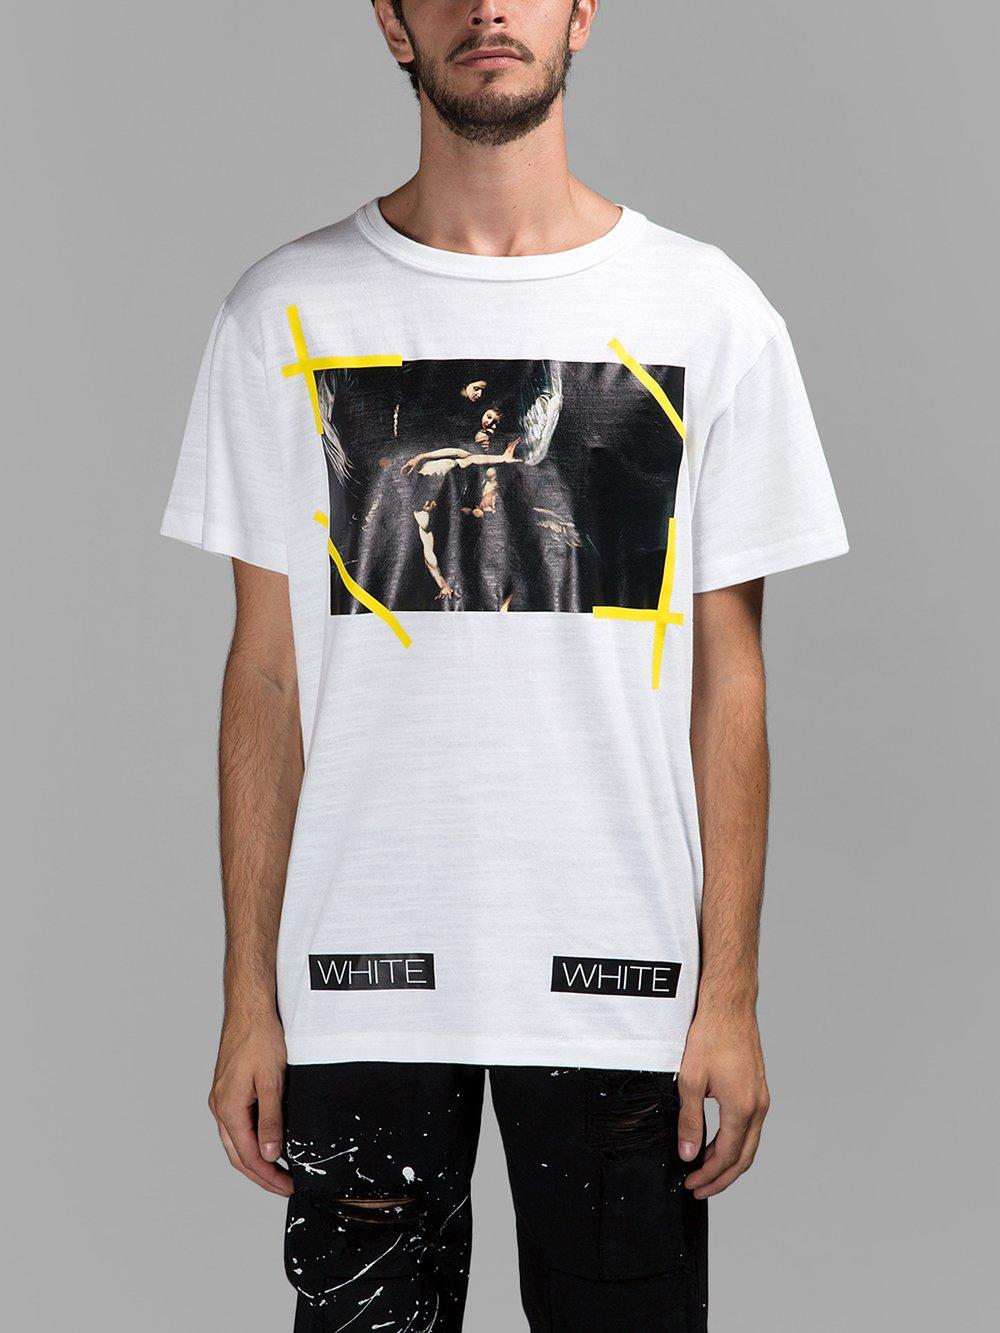 a011178a95 Off-white Caravaggio T Shirt | Grailed